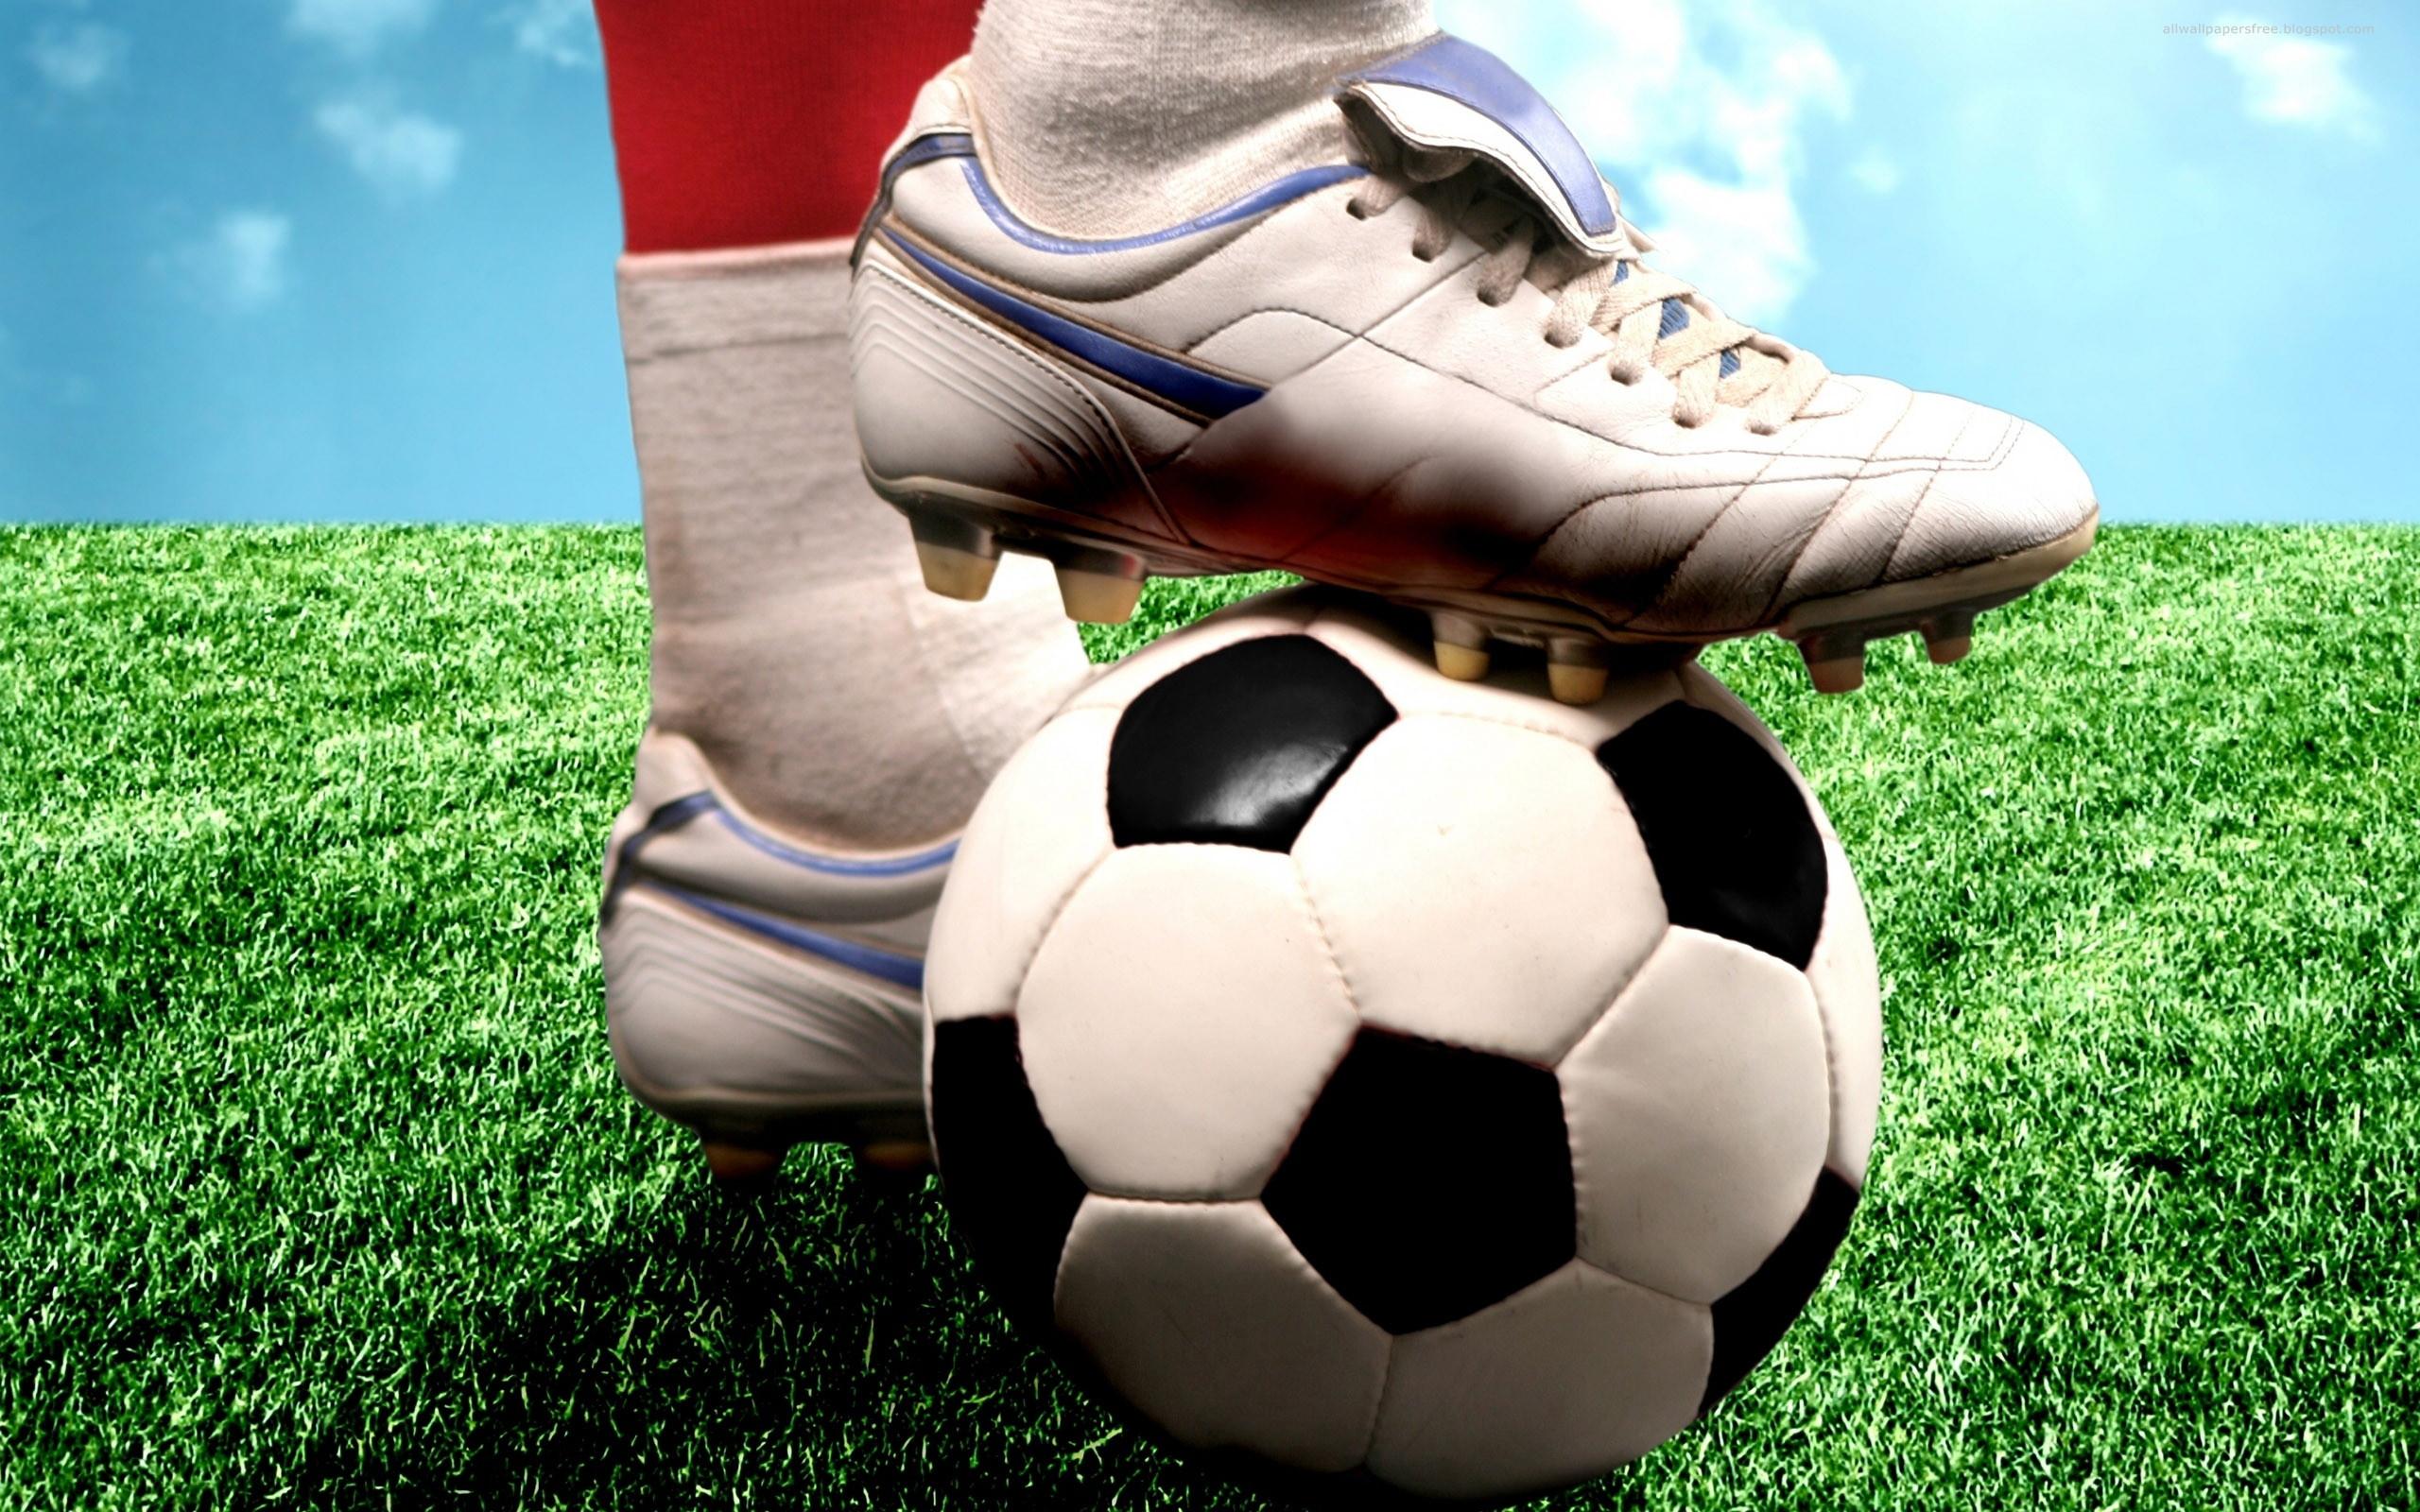 Trong bộ sưu tập này chúng tôi gửi đến bạn những hình ảnh đẹp, độc đáo và sắc nét nhất về bóng đá, dành tặng cho những ai yêu thích thể thao.